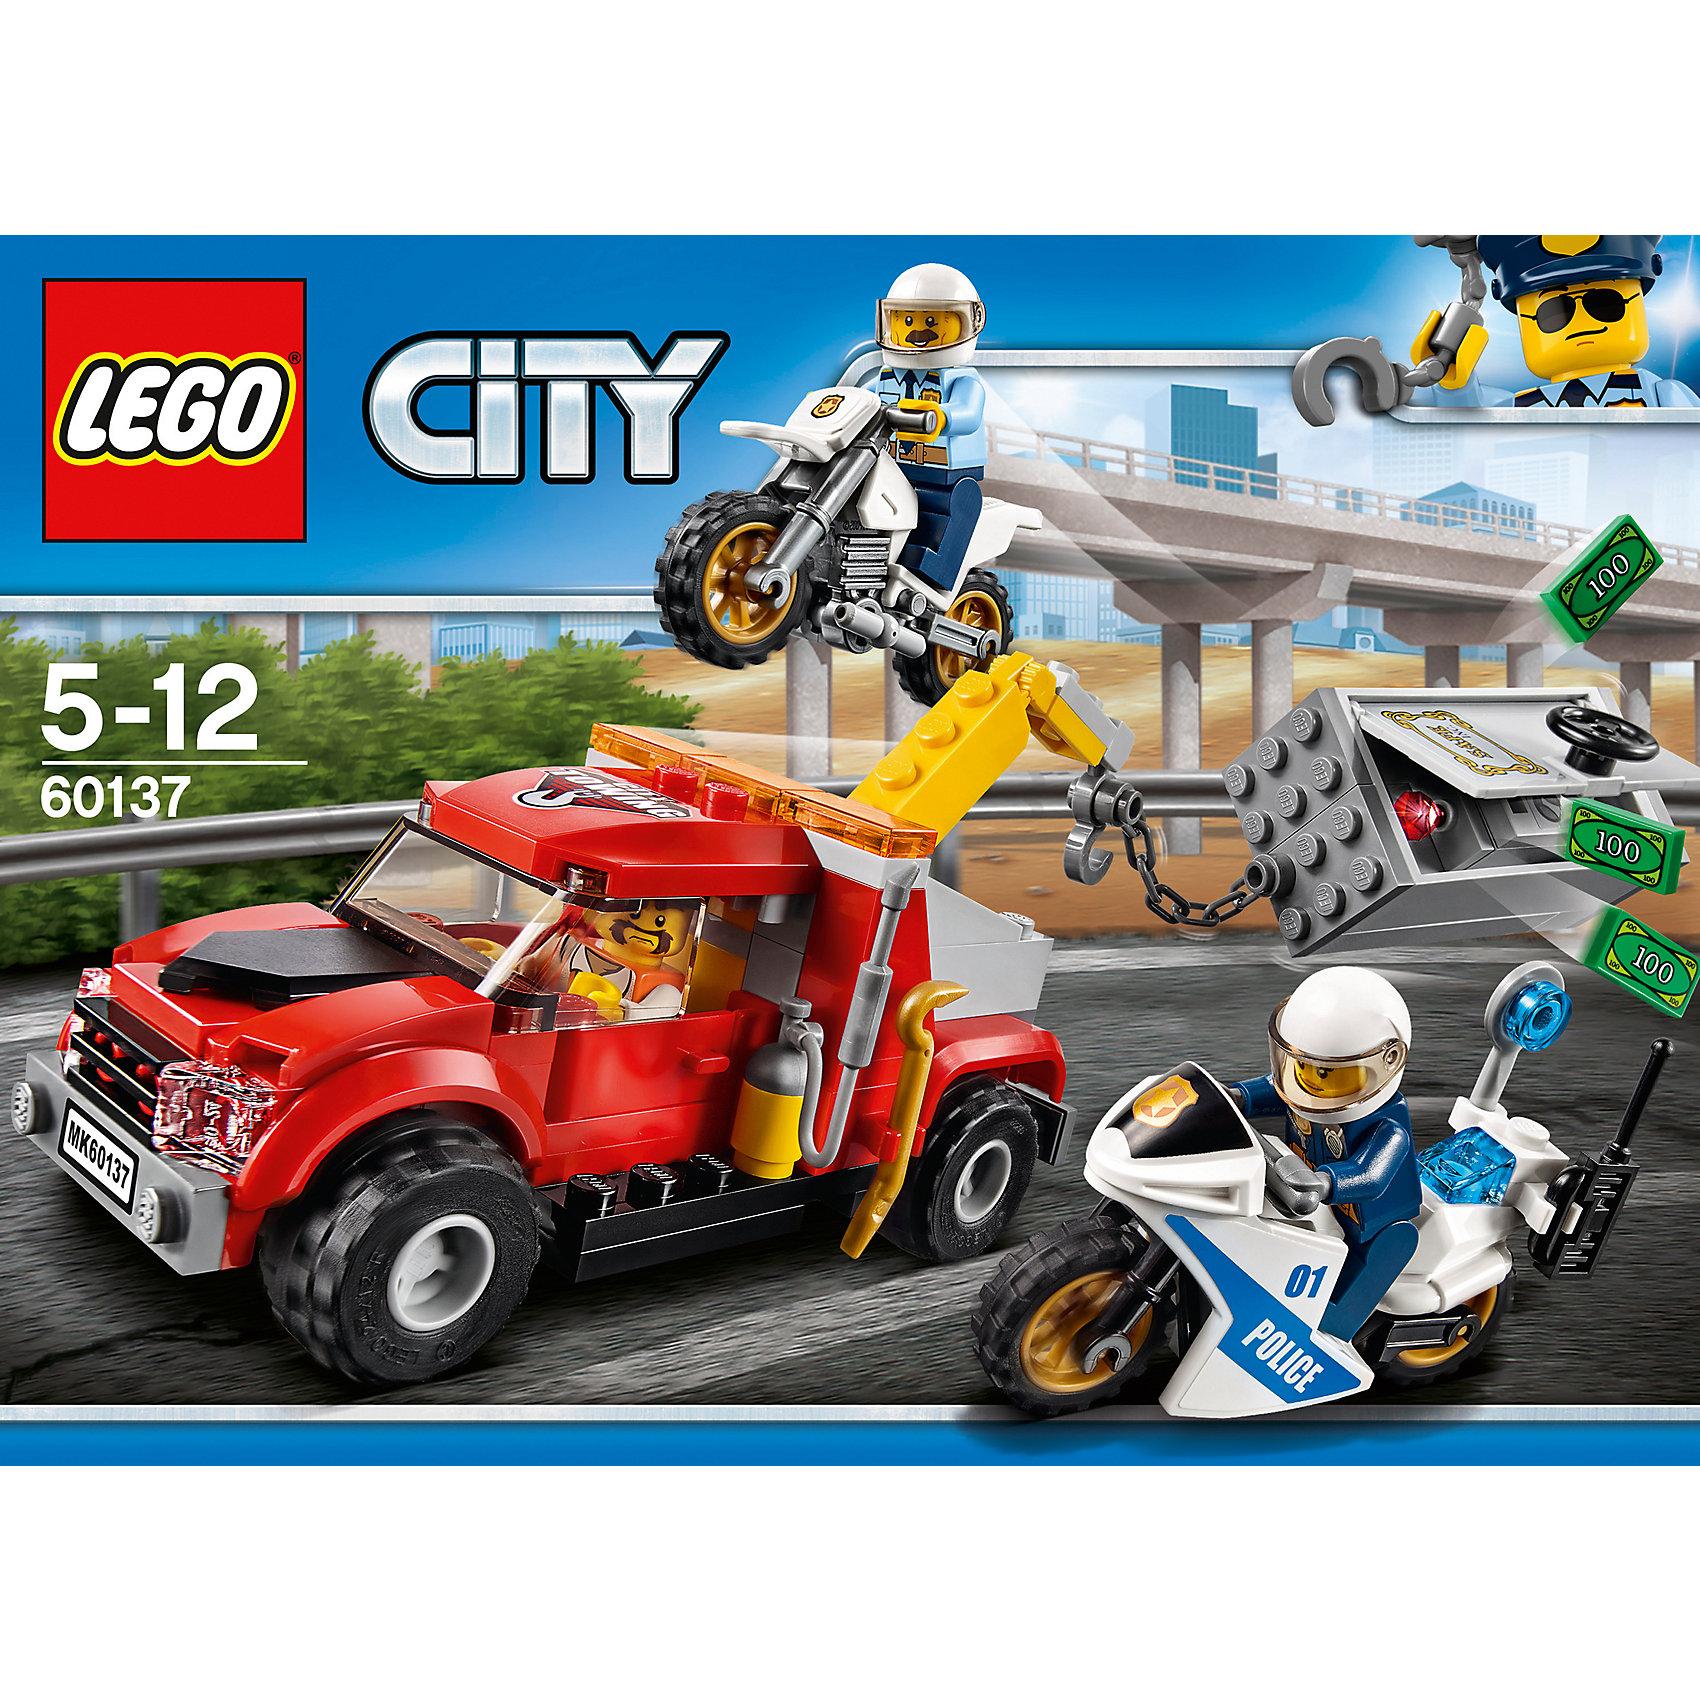 LEGO City 60137: Побег на буксировщикеLEGO City 60137: Побег на буксировщике<br><br>Характеристики:<br><br>- в набор входит: два мотоцикла, буксировщик, сейф, 3 фигурки, аксессуары, инструкция<br>- состав: пластик<br>- количество деталей: 144<br>- размер коробки: 26 * 6 * 19 см.<br>- размер эвакуатора: 12 * 5 * 6 см.<br>- размер мотоциклов: 7 * 3 * 3 см. <br>- размер сейфа: 4 * 3 * 6 см.<br>- для детей в возрасте: от 5 до 12 лет<br>- Страна производитель: Дания/Китай/Чехия<br><br>Легендарный конструктор LEGO (ЛЕГО) представляет серию «City» (Сити) в виде деталей жизни большого города, в котором есть абсолютно все. Серия делает игры еще более настоящими, благодаря отличным аксессуарам. Стражи закона Лего Сити всегда готовы прийти на помощь жителям города. На этот раз грабитель похитил сейф с помощью дорожного эвакуатора Лего Сити. Двое полицейских всегда на страже порядка и вооружившись наручниками они мчатся за грабителем. Полицейские мотоциклы имеют два разных дизайна, один скоростной, предназначенный для погони, а второй патрульный с рацией и синей сигнальной лампой. Все детали на колесиках двигаются и подходят к другим наборам Лего. Буксировщик отлично выполнен и содержит в своем составе много маленьких и уникальных деталей. Минифигурки отлично детализированы и качественно прорисованы. Шлемы полицейских снимаются, а прозрачное стекло отодвигается назад. В набор аксессуаров входит ломик, огнетушитель, наручники, денежные детали, рация. Помоги полицейским добиться справедливости. Моделируй разные истории и ситуации в Лего Сити!<br><br>Конструктор  LEGO City 60137: Побег на буксировщике можно купить в нашем интернет-магазине.<br><br>Ширина мм: 262<br>Глубина мм: 192<br>Высота мм: 66<br>Вес г: 299<br>Возраст от месяцев: 60<br>Возраст до месяцев: 144<br>Пол: Мужской<br>Возраст: Детский<br>SKU: 5002453